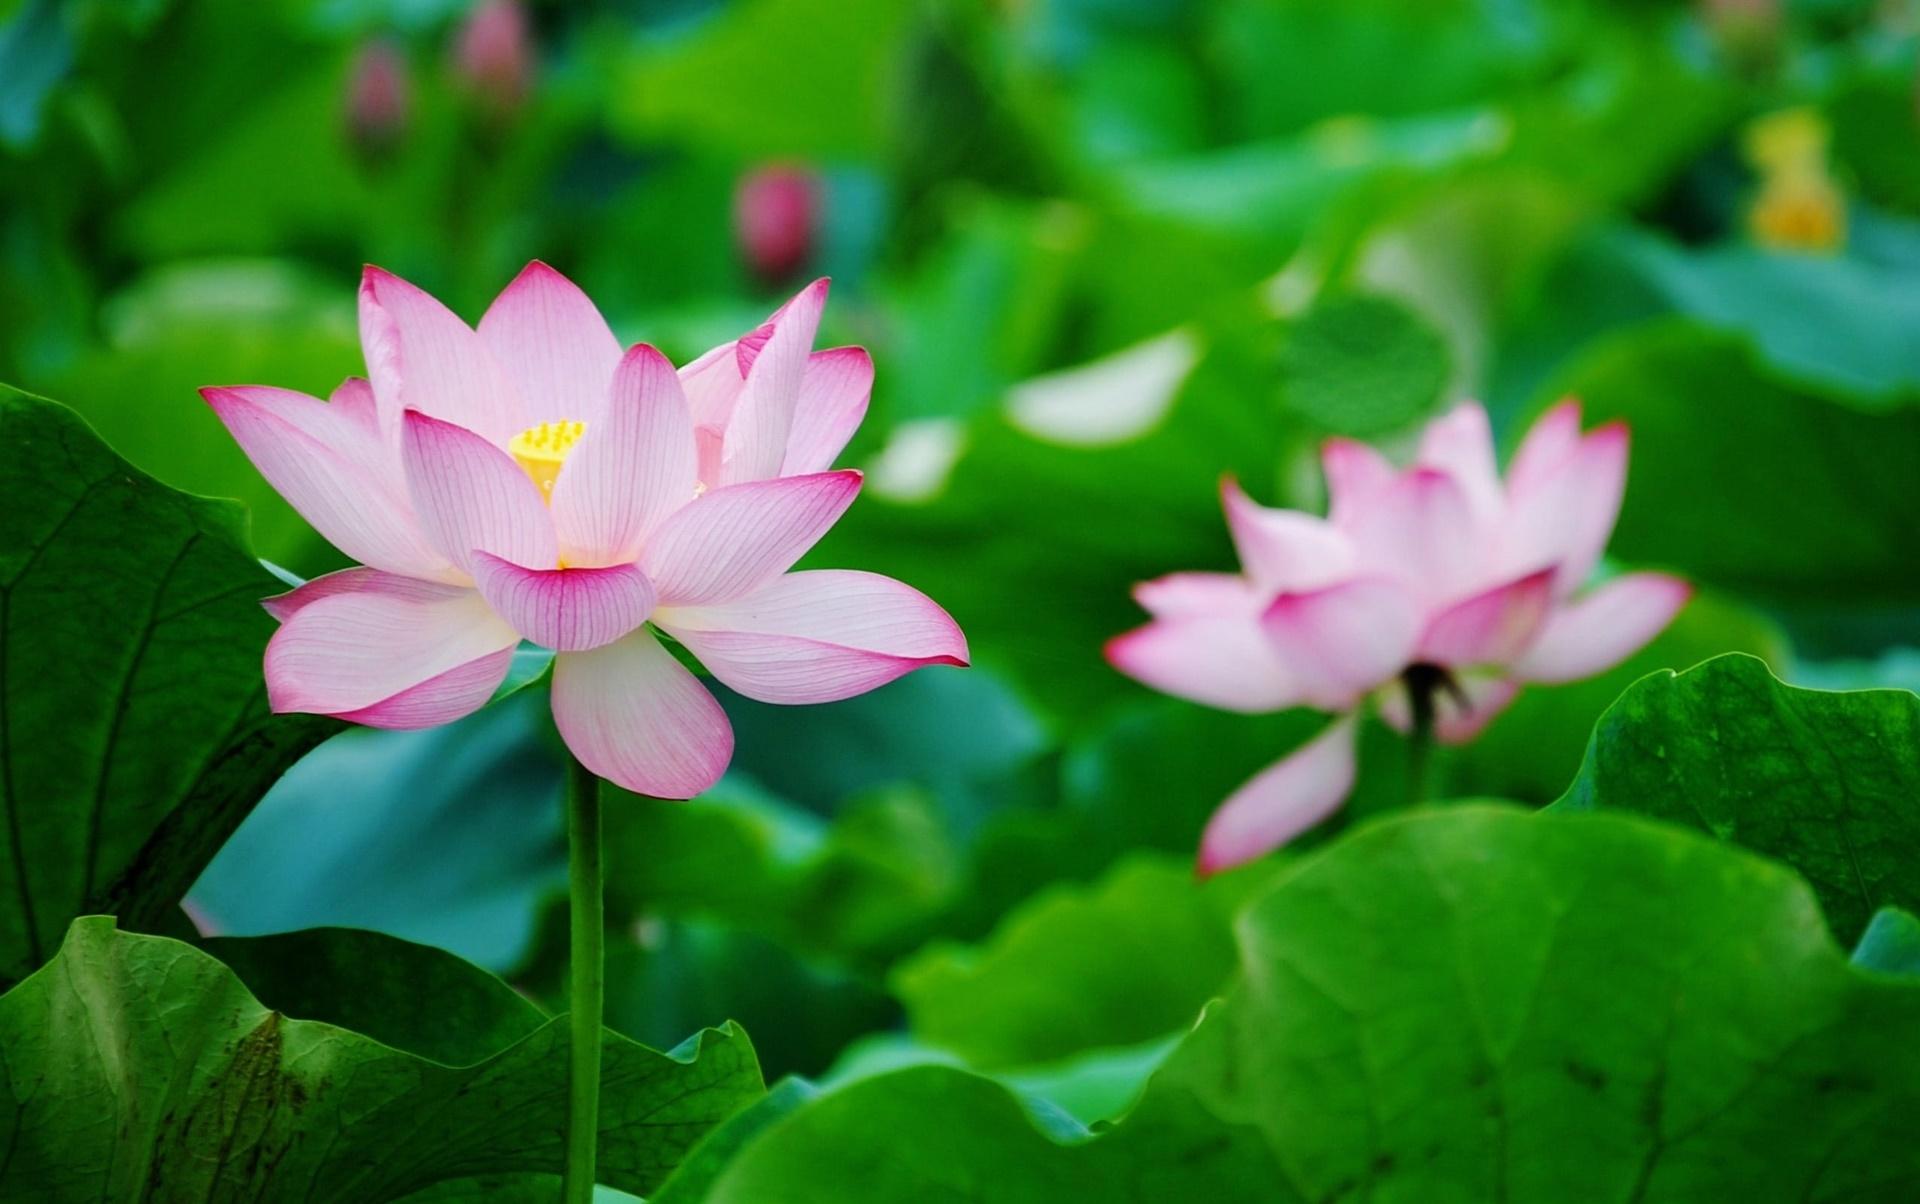 Loài hoa này tượng trưng cho sự thuần khiết